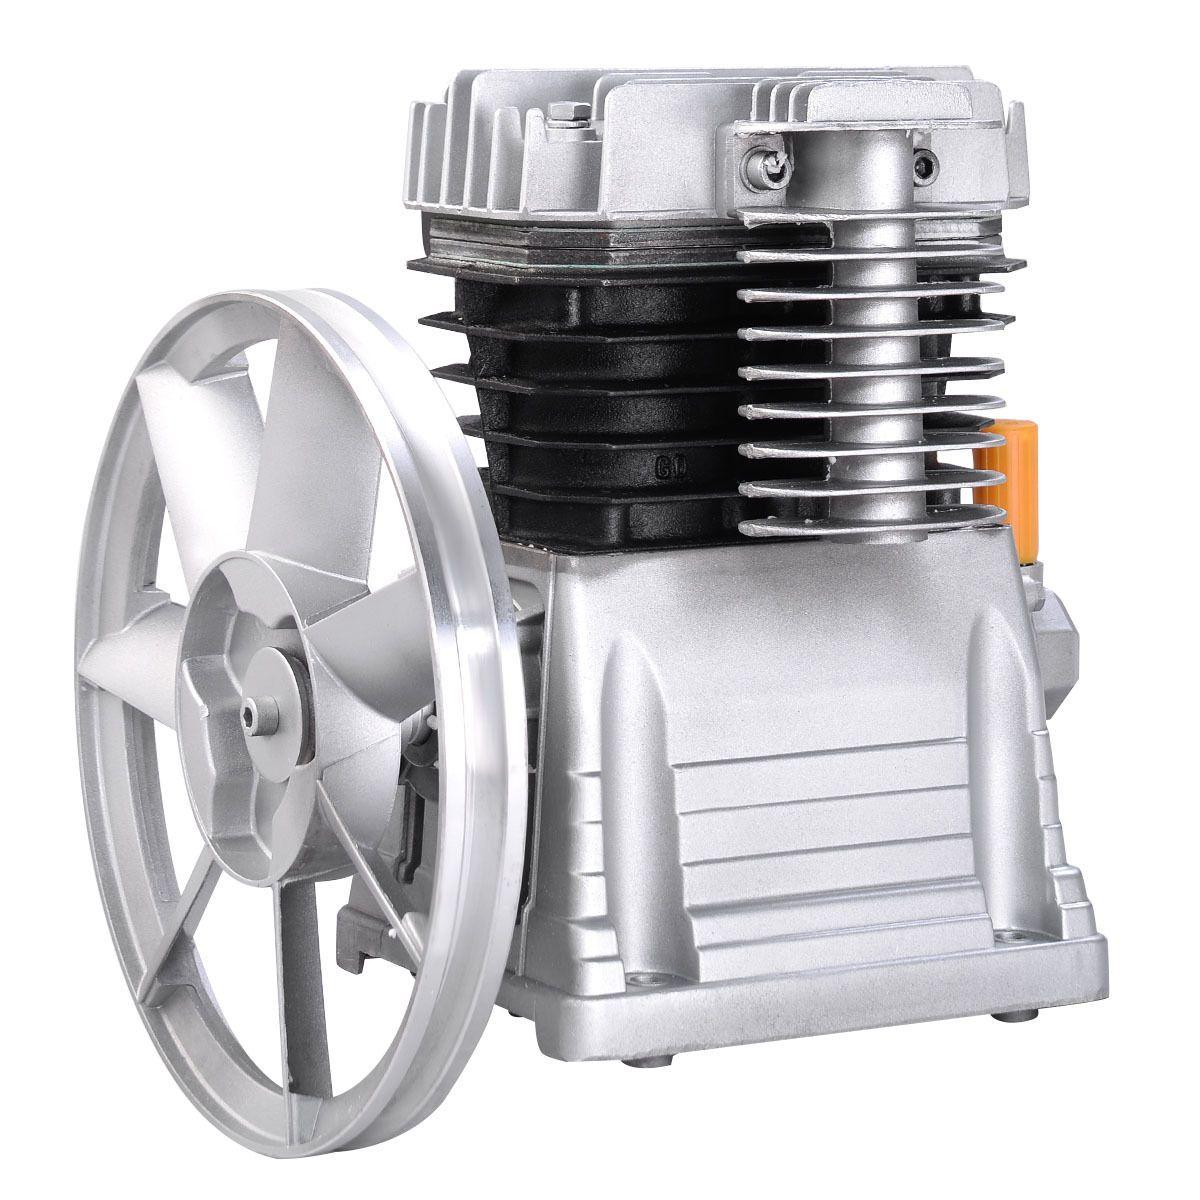 Aluminum 3HP Air Compressor Head Pump Motor 145PSI 11.5CFM